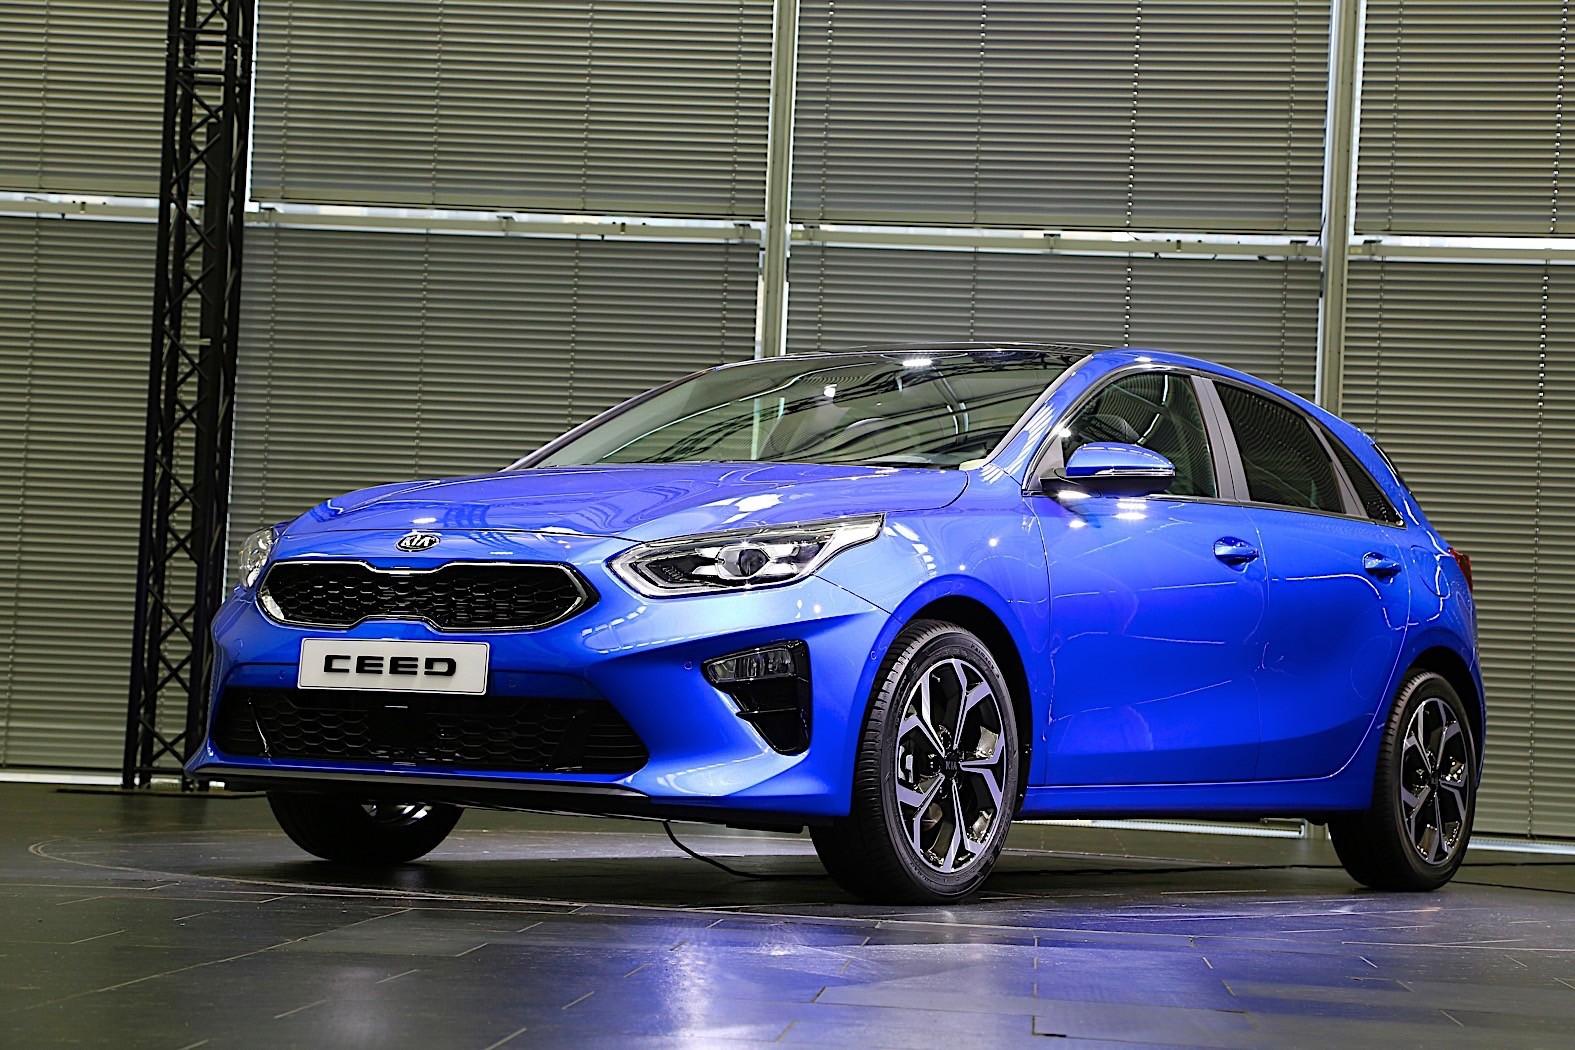 2018 Kia Ceed Going Mild Hybrid, Plug-In Hybrid Considered ...